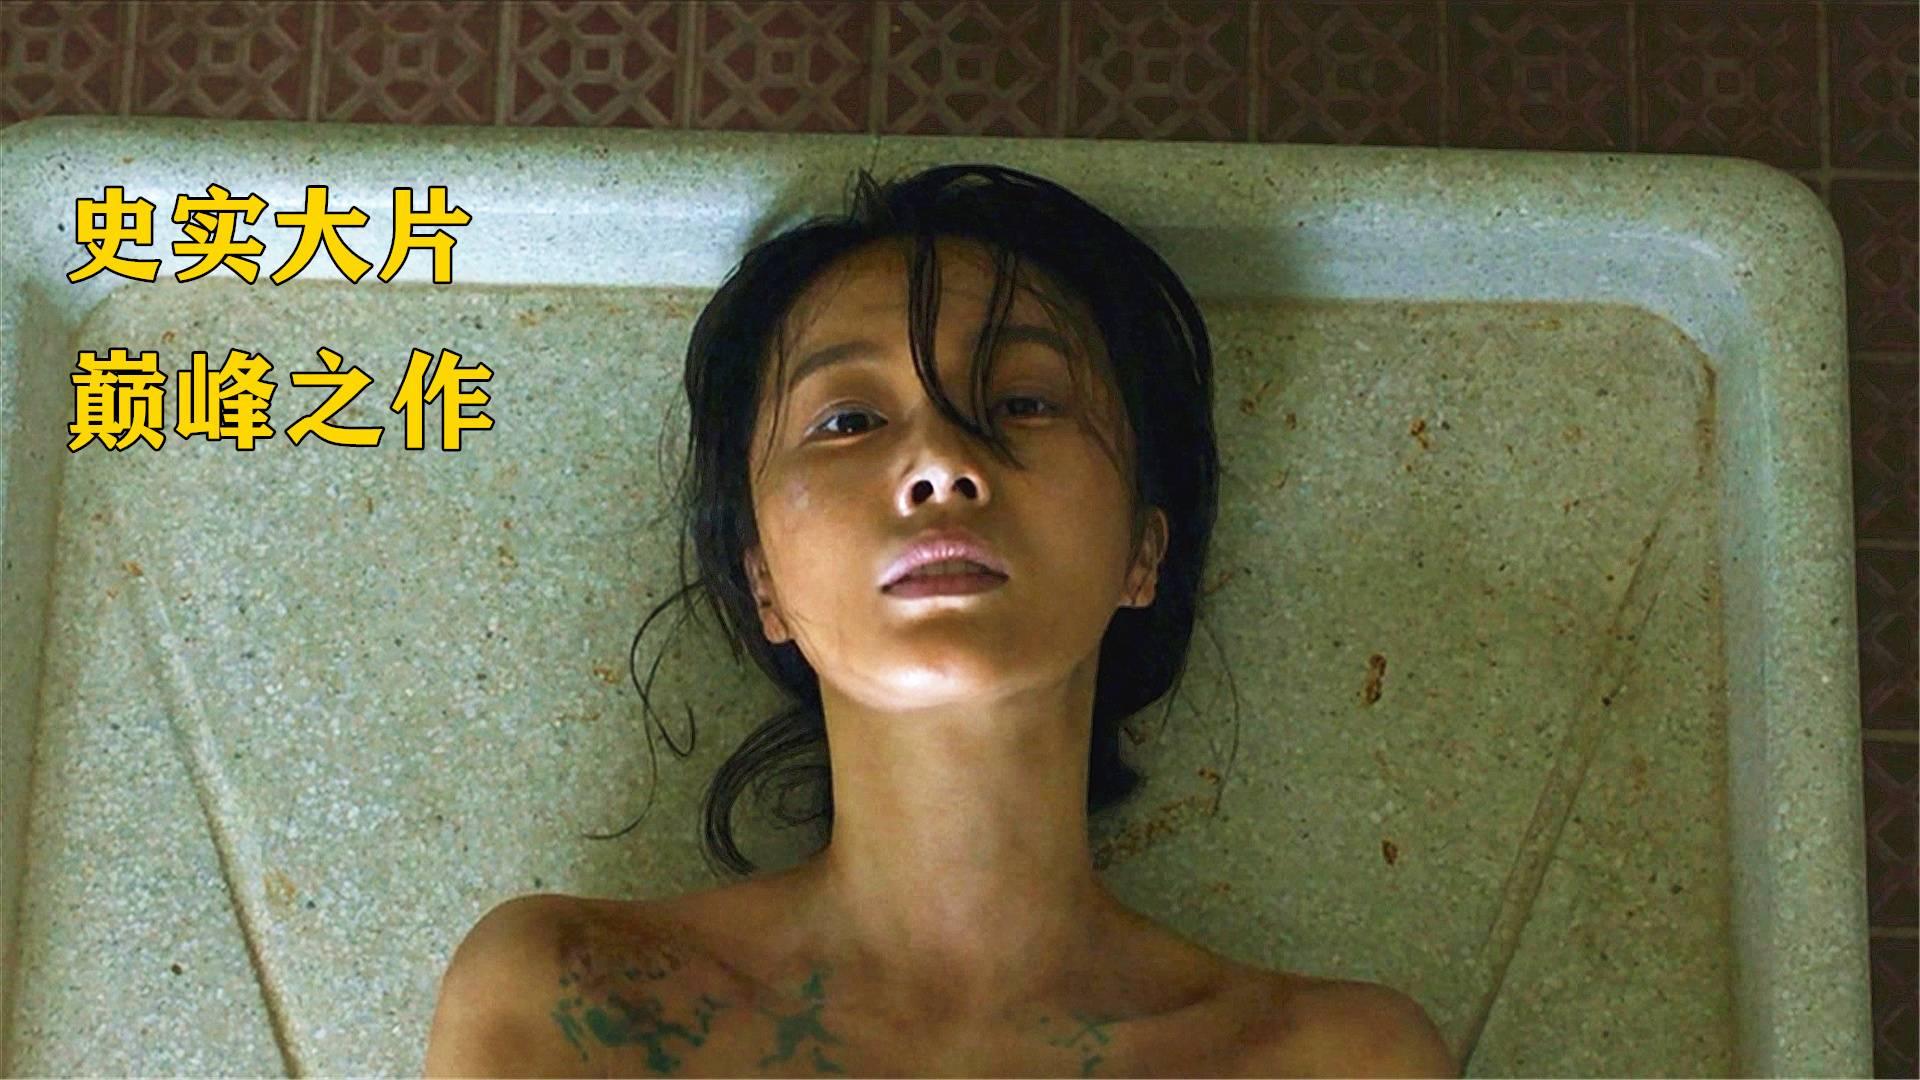 一段不被日本承认的事实,被改编成电影后,引发众怒!